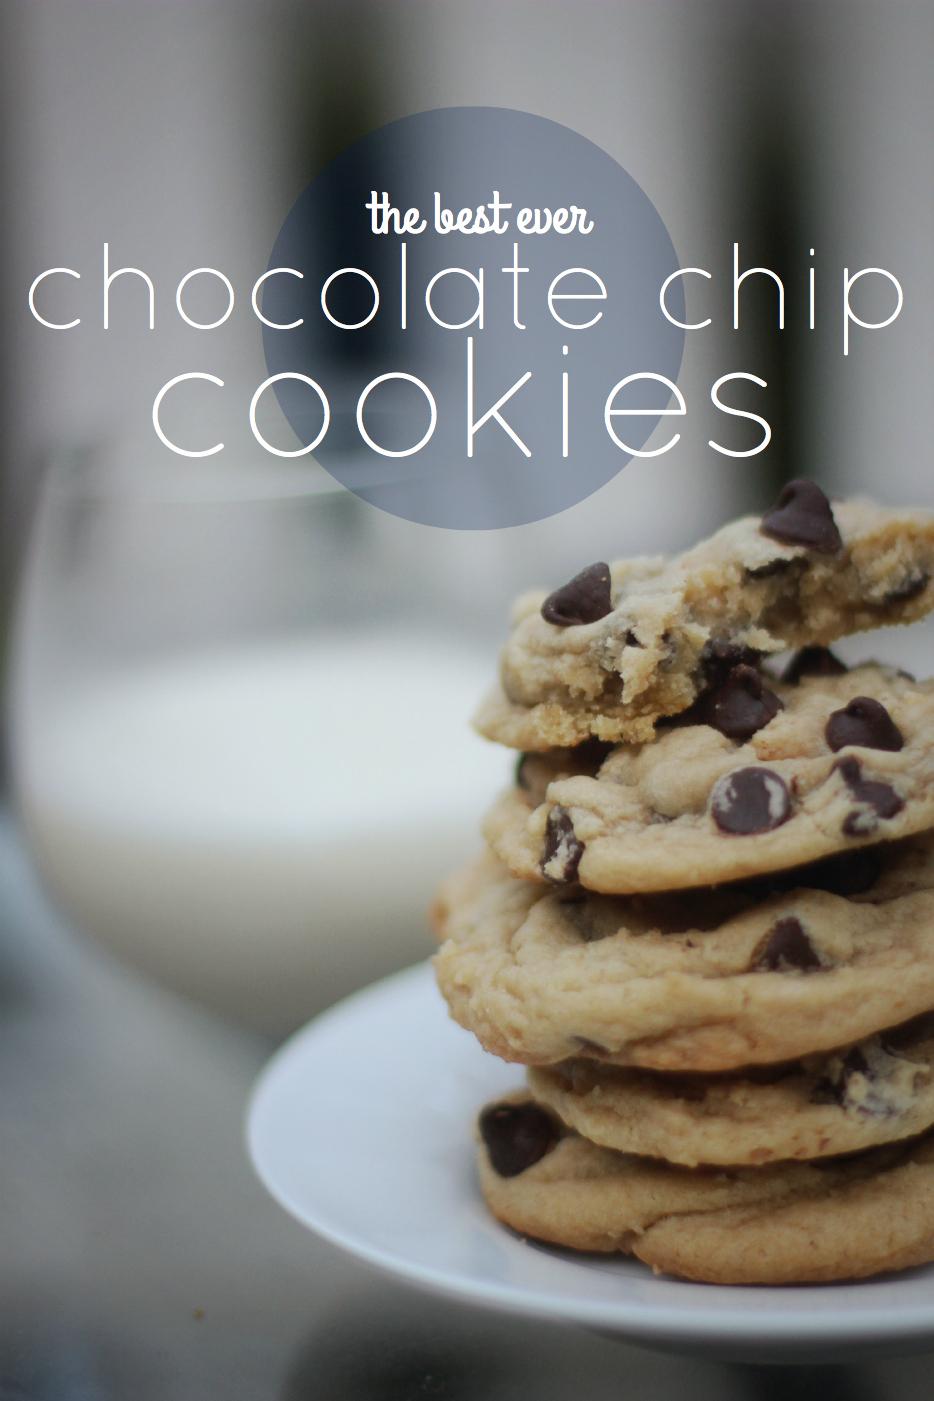 cookiestext.jpg